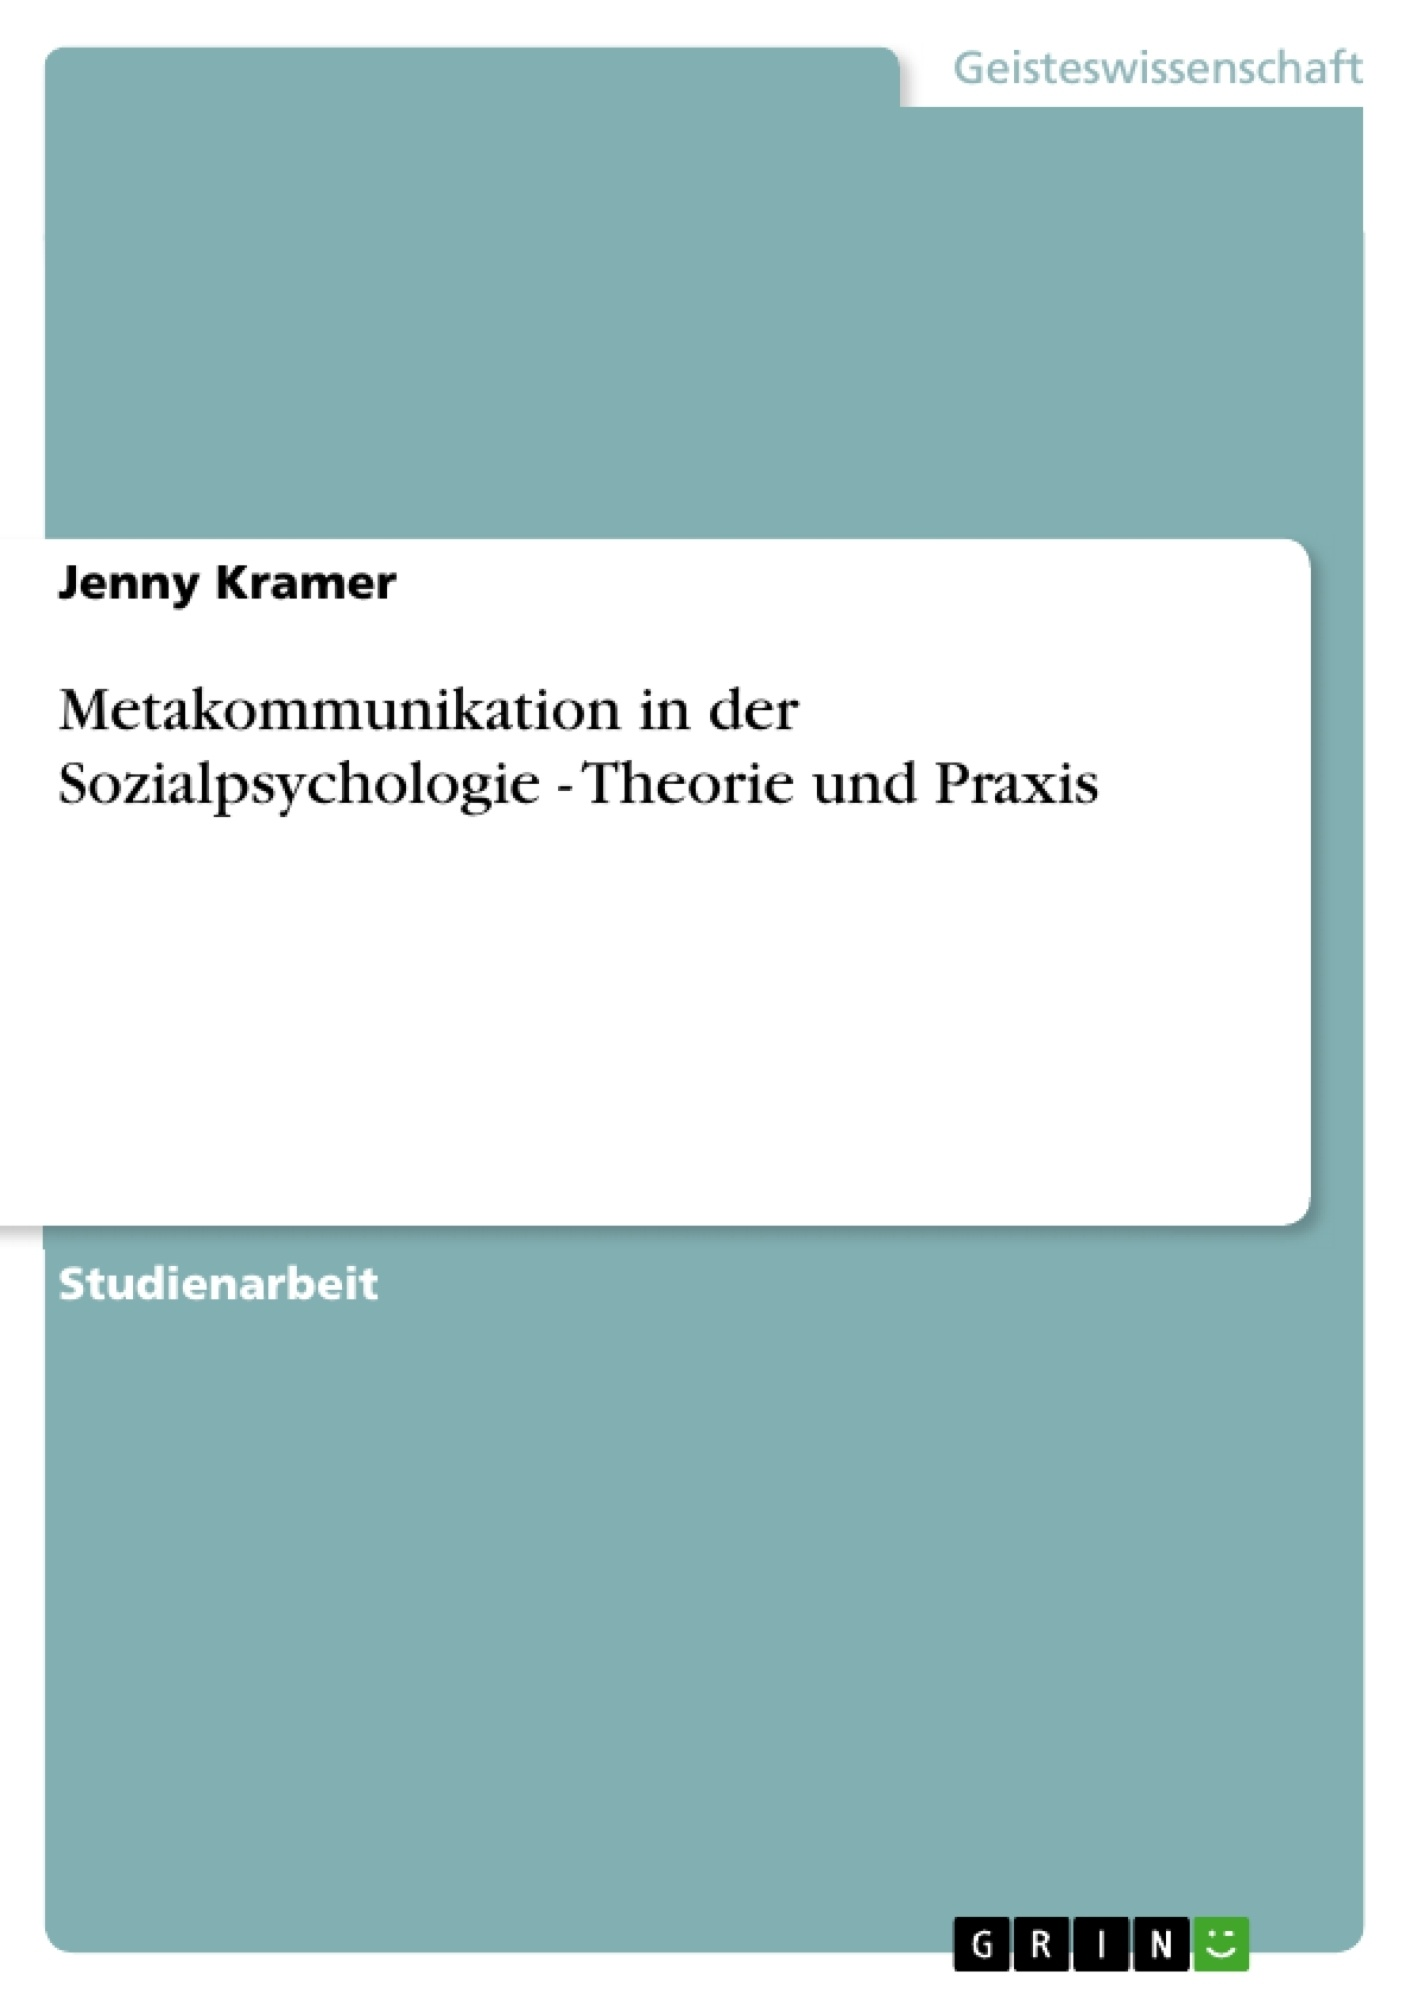 Titel: Metakommunikation in der Sozialpsychologie - Theorie und Praxis